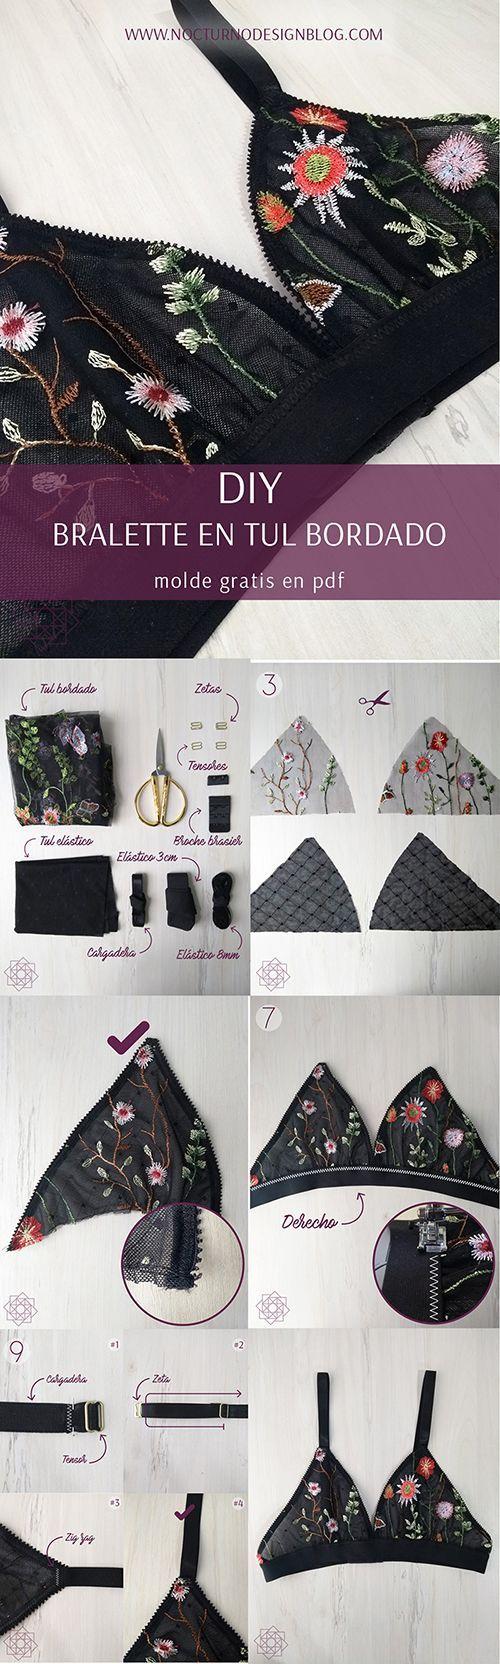 DIY: Bralette en tul bordado + molde gratis